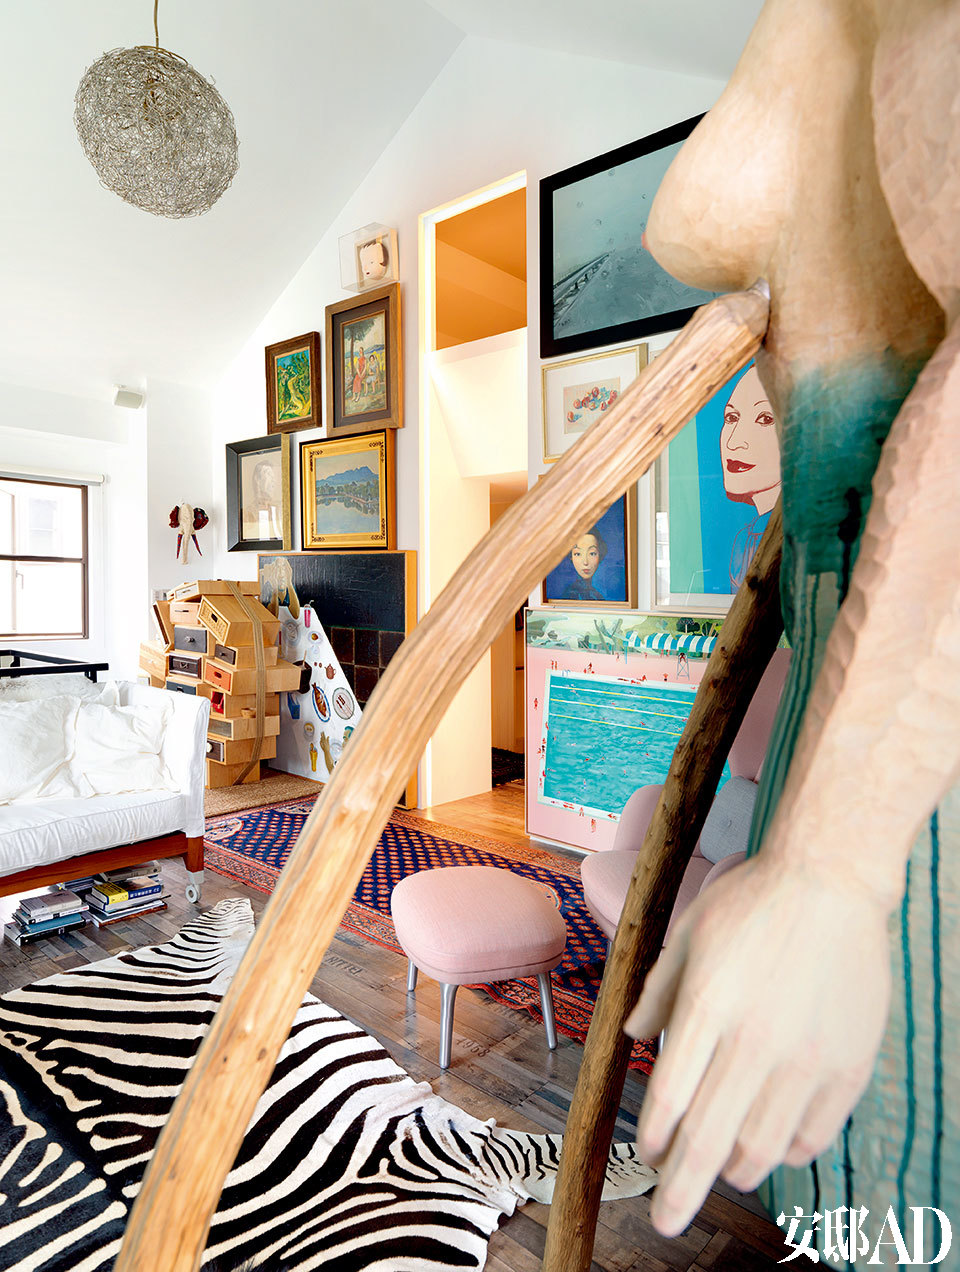 """尽管已经尽力简化,半辈子的艺术收藏还是姚谦生活中的最佳伴侣。顶层工作室,中间小门通往更衣室和阁楼主卧室。吊灯为上世纪90年代最早以鸟巢为灵感设计的灯具。楼梯旁的柜子为设计师Tejo Remy为品牌Droog设计的""""You can't lay down your memory""""抽屉柜。"""